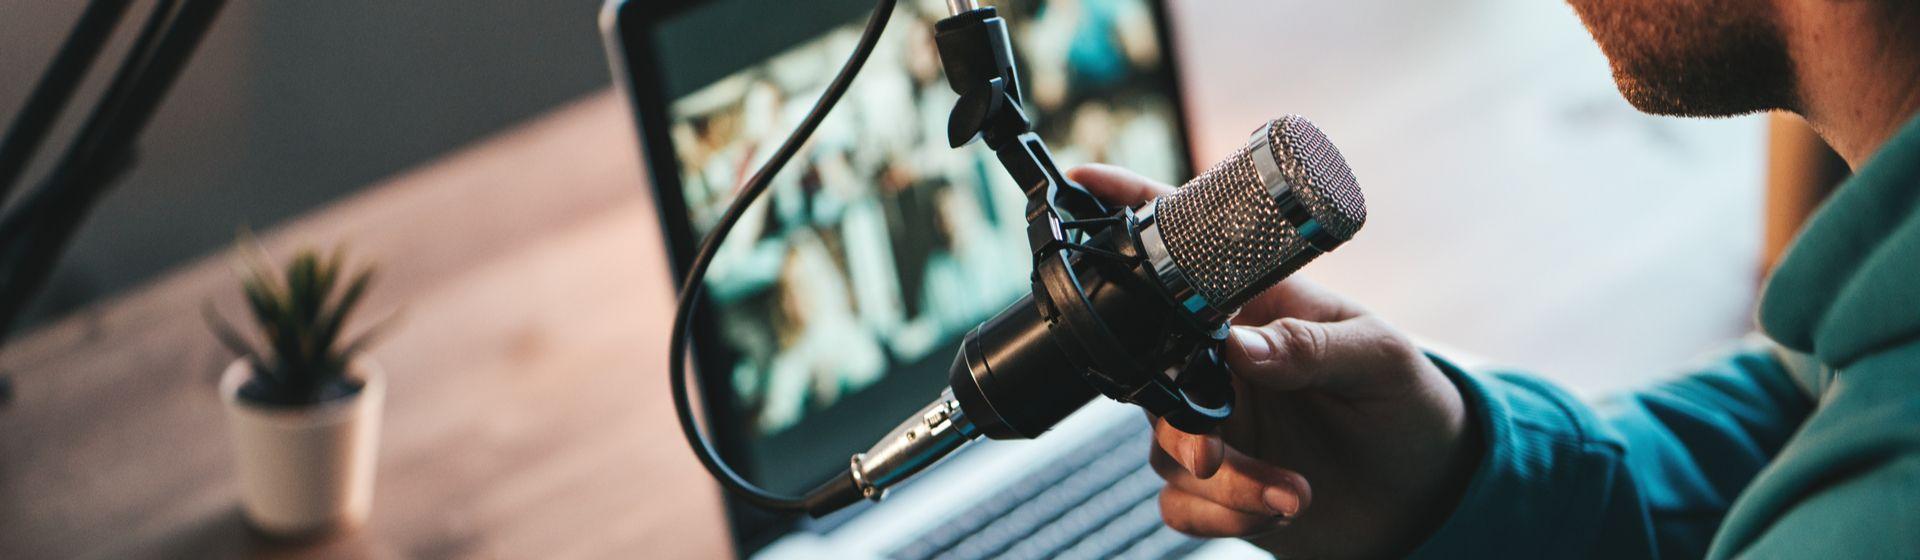 Podcast: o que é, dicas de como criar o seu e onde escutar